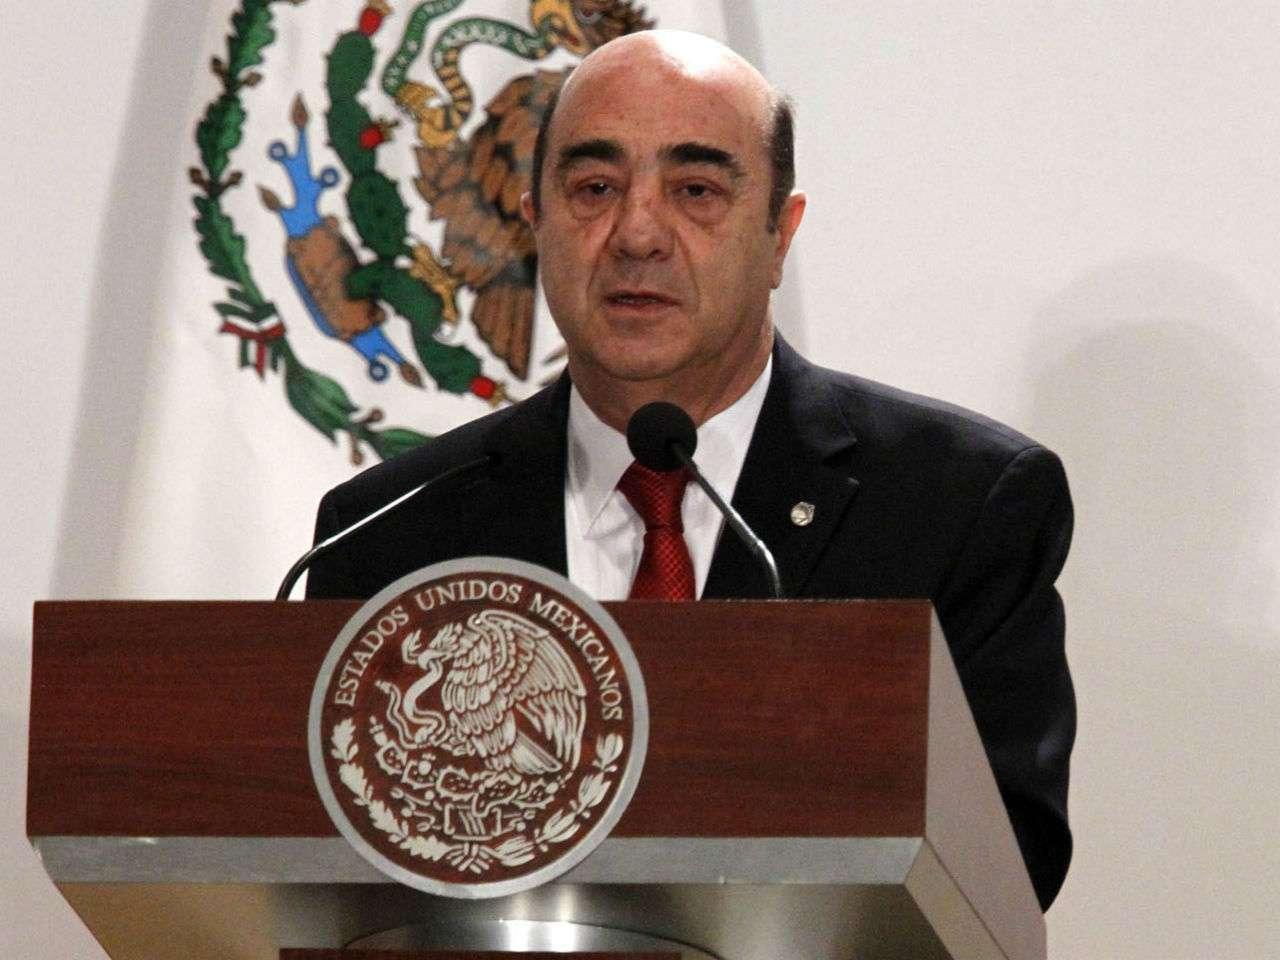 """Murillo Karam aseguró que se está """"preparando una estrategia mayor"""" para atender la problemática que enfrenta Tamaulipas. Foto: Archivo/Notimex"""